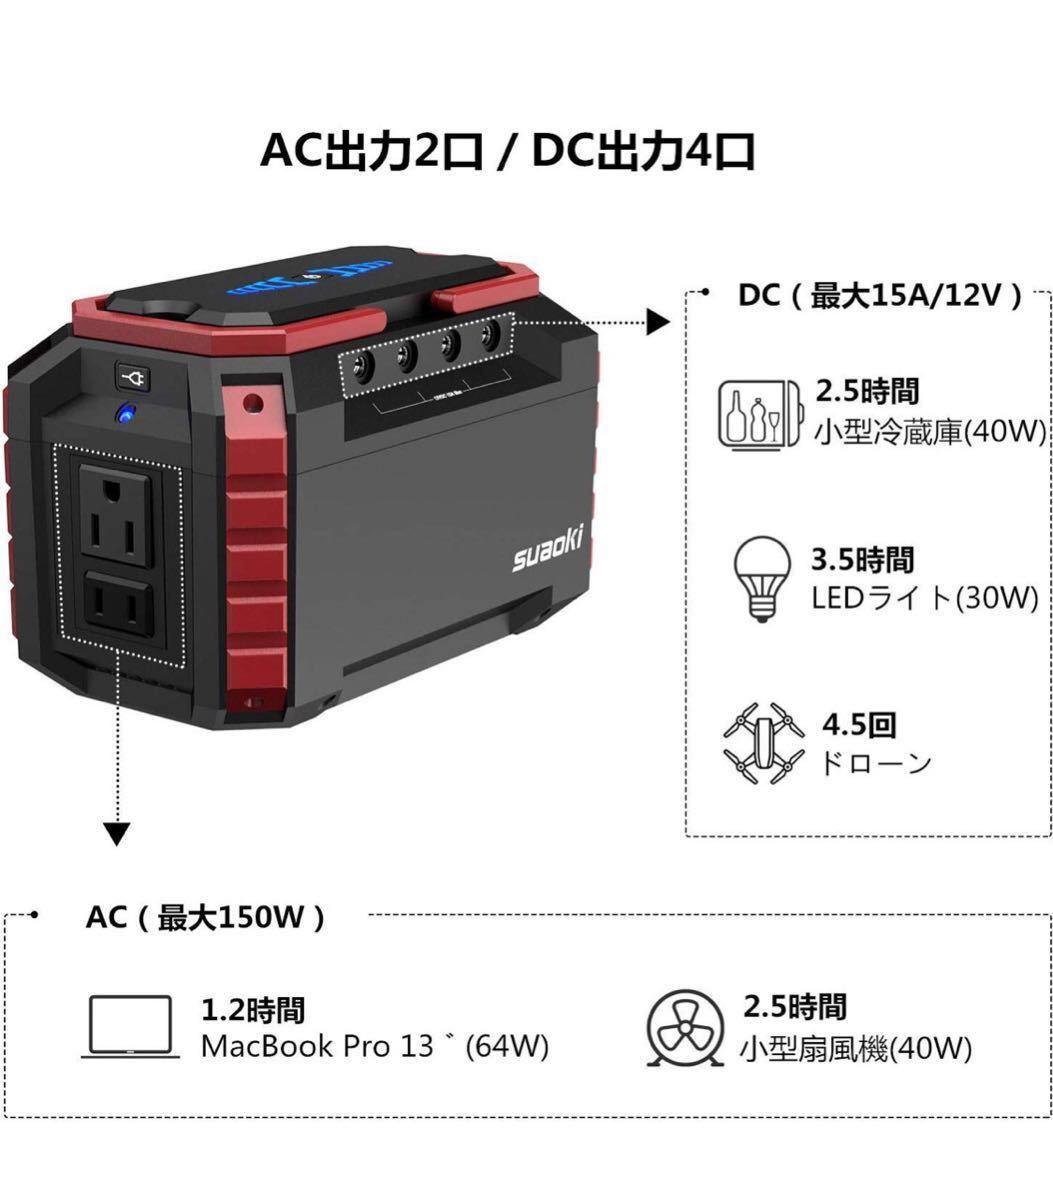 ♪ 新品未開封 suaoki ポータブル電源 S270 150W 家庭用蓄電池 USB出力 急速充電QC3.0 キャンプ 釣り アウトドア 防災グッズ 非常用電源 _画像2